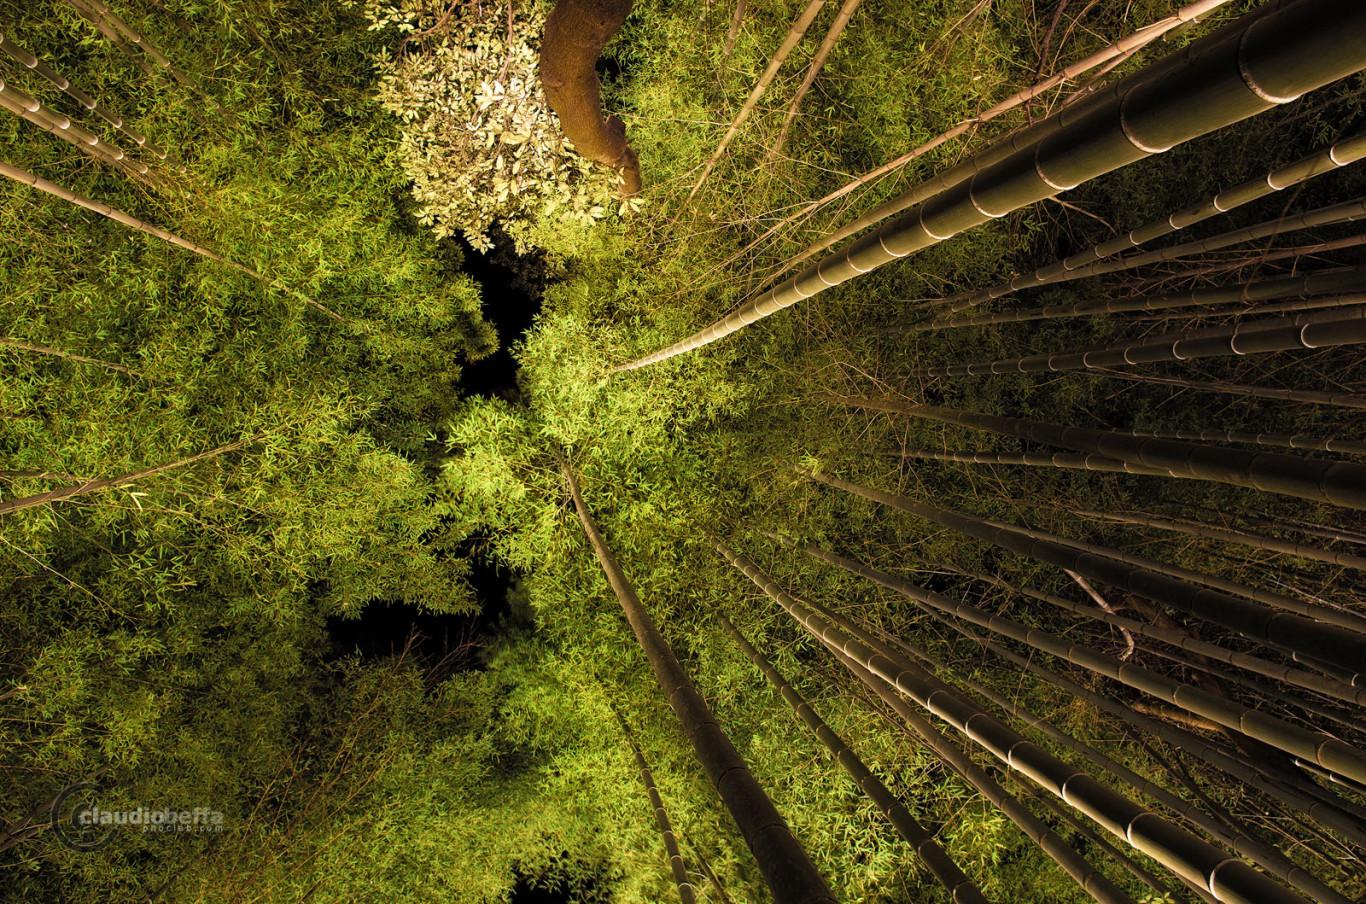 Kyoto Arashiyama Bamboo Forest Grove Green Creature Eyes